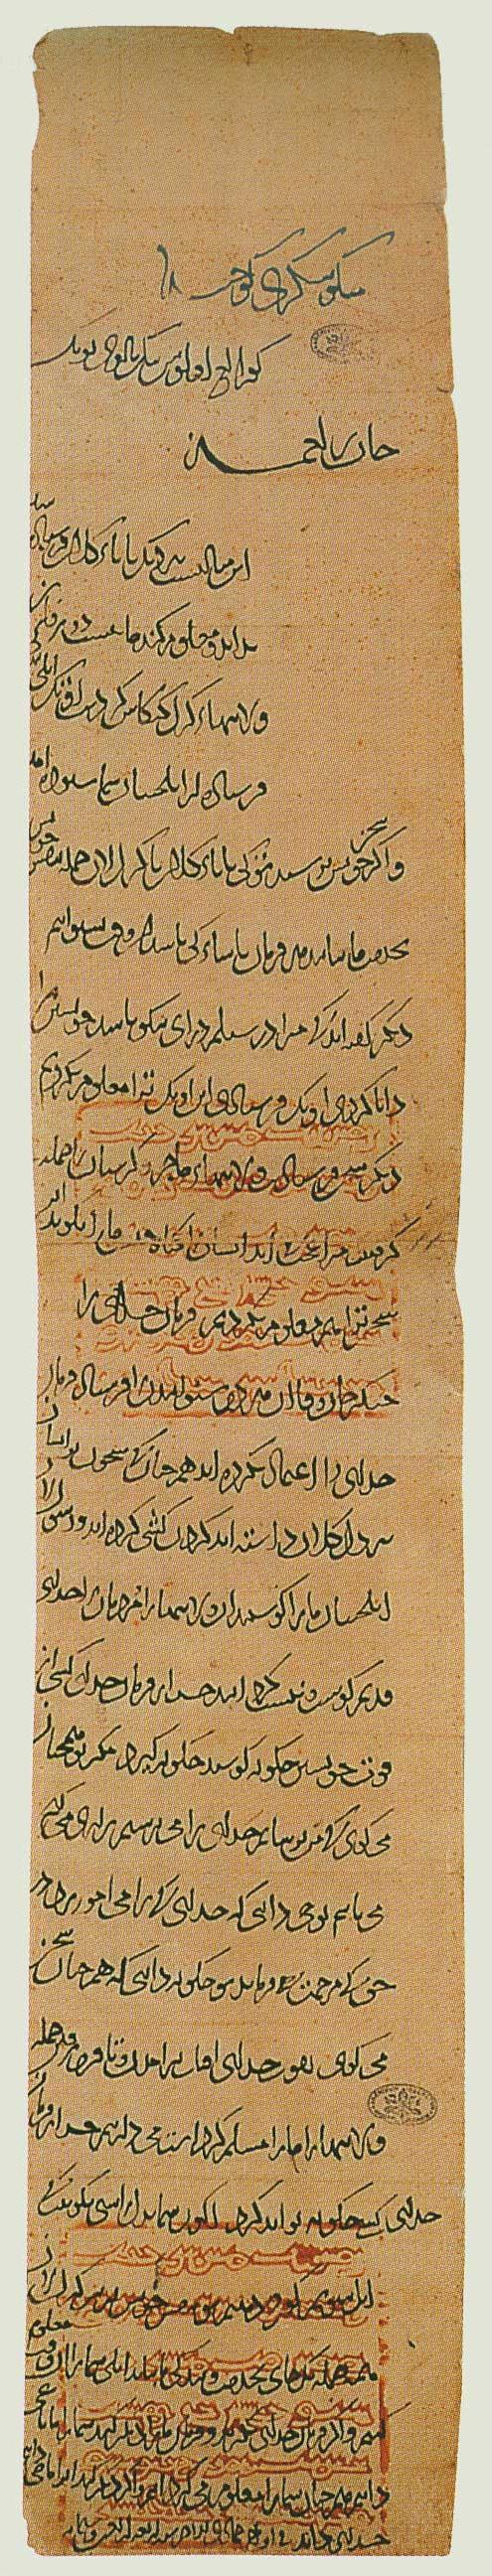 https://i2.wp.com/upload.wikimedia.org/wikipedia/commons/b/b9/LetterGuyugToInnocence.jpg